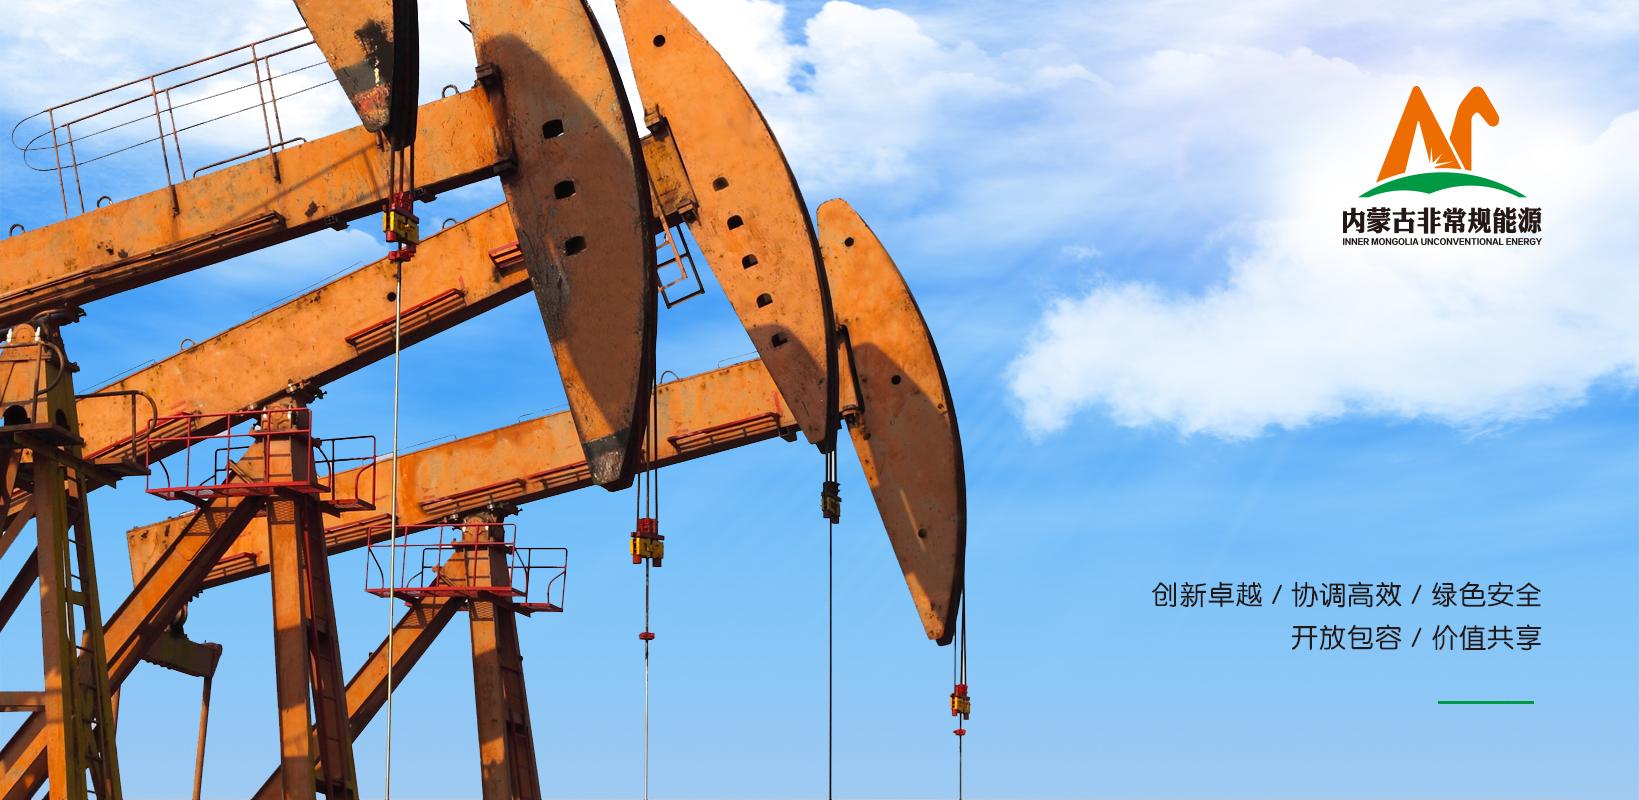 内蒙古非常规能源企业logo肯博娱乐网站